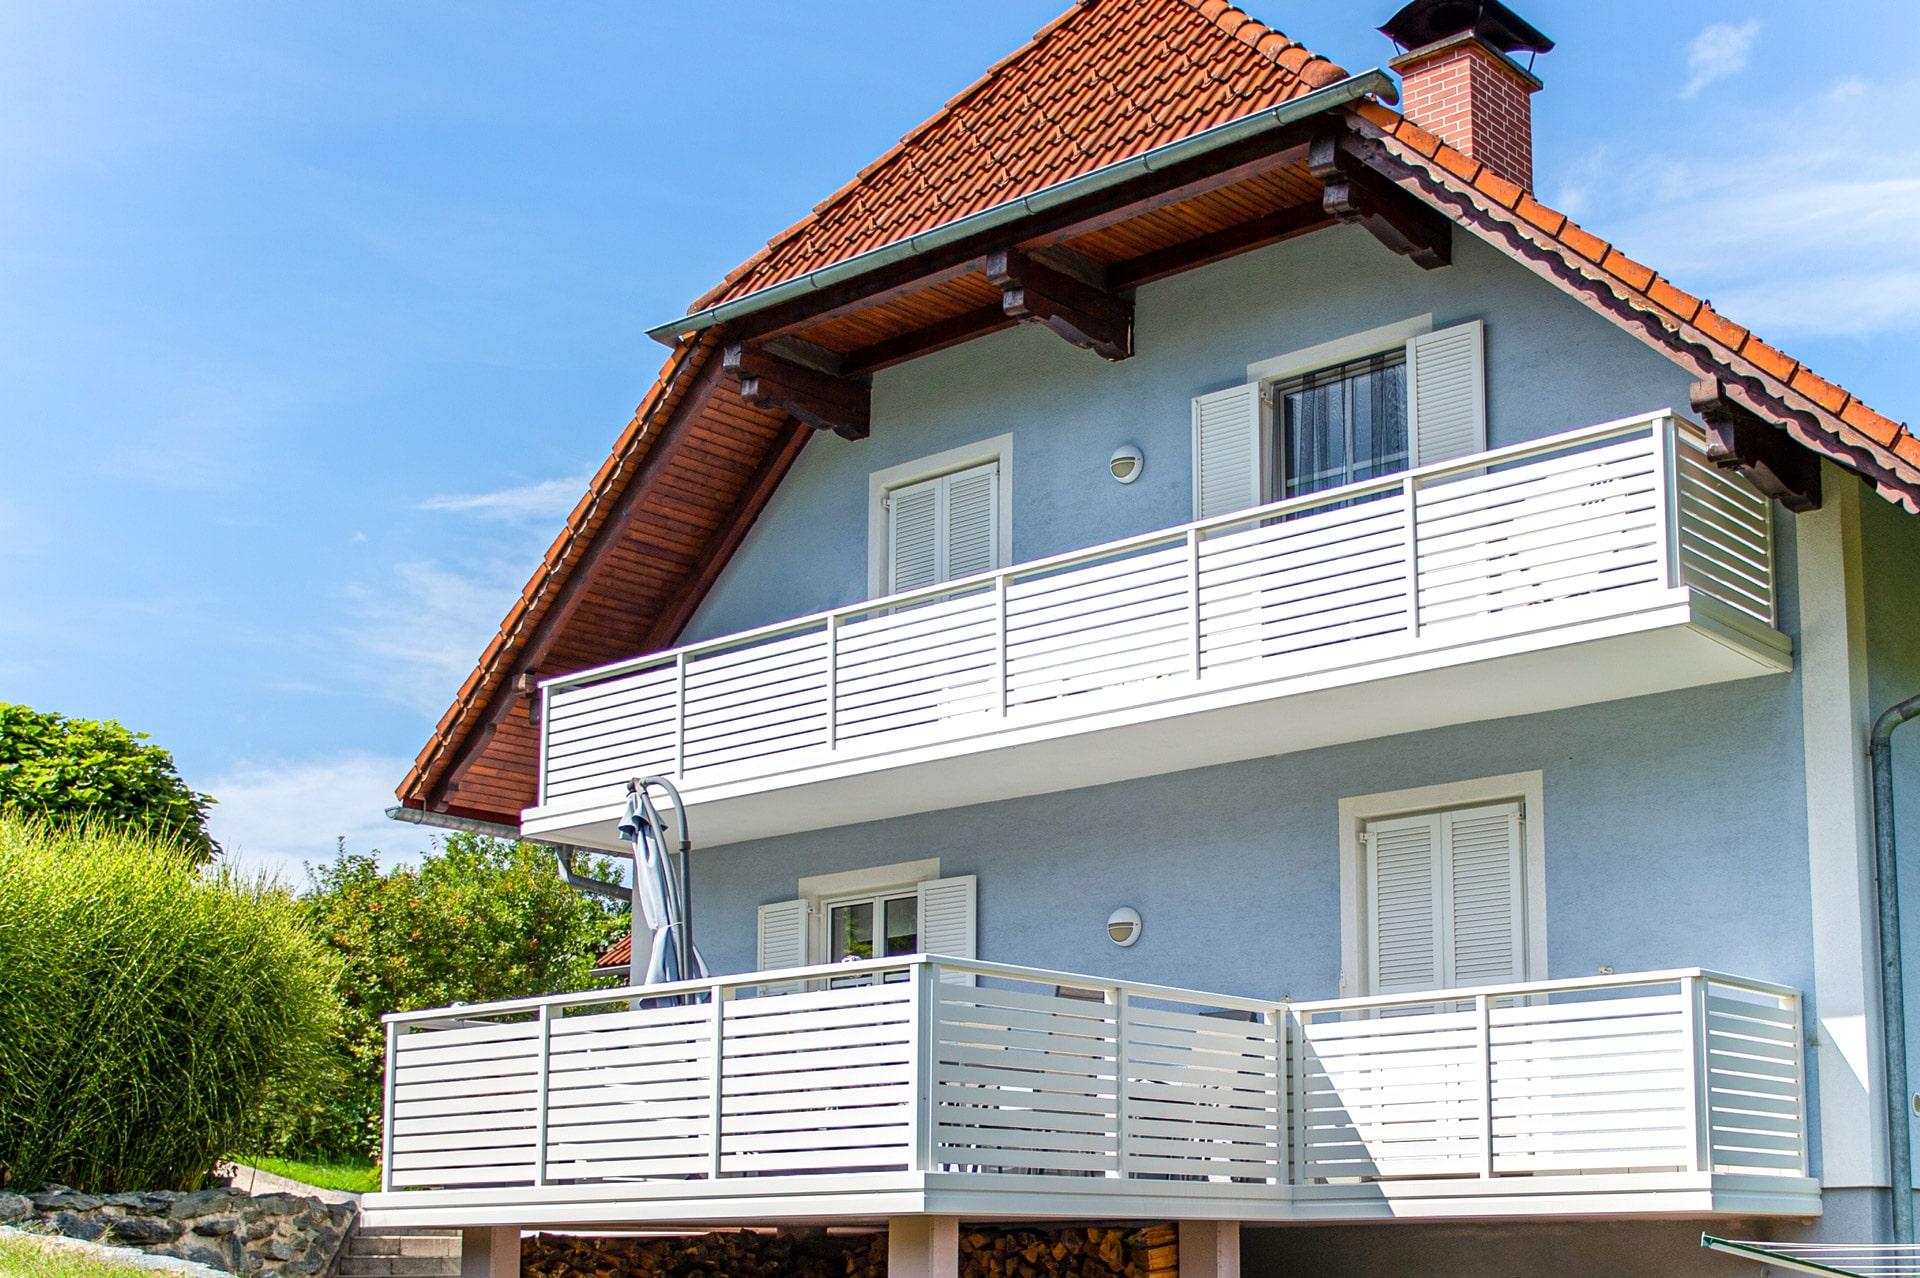 Telfs 12 b   modernes, weißes Aluminiumgeländer mit waagrechten Latten bei Balkon/Terrasse   Svoboda